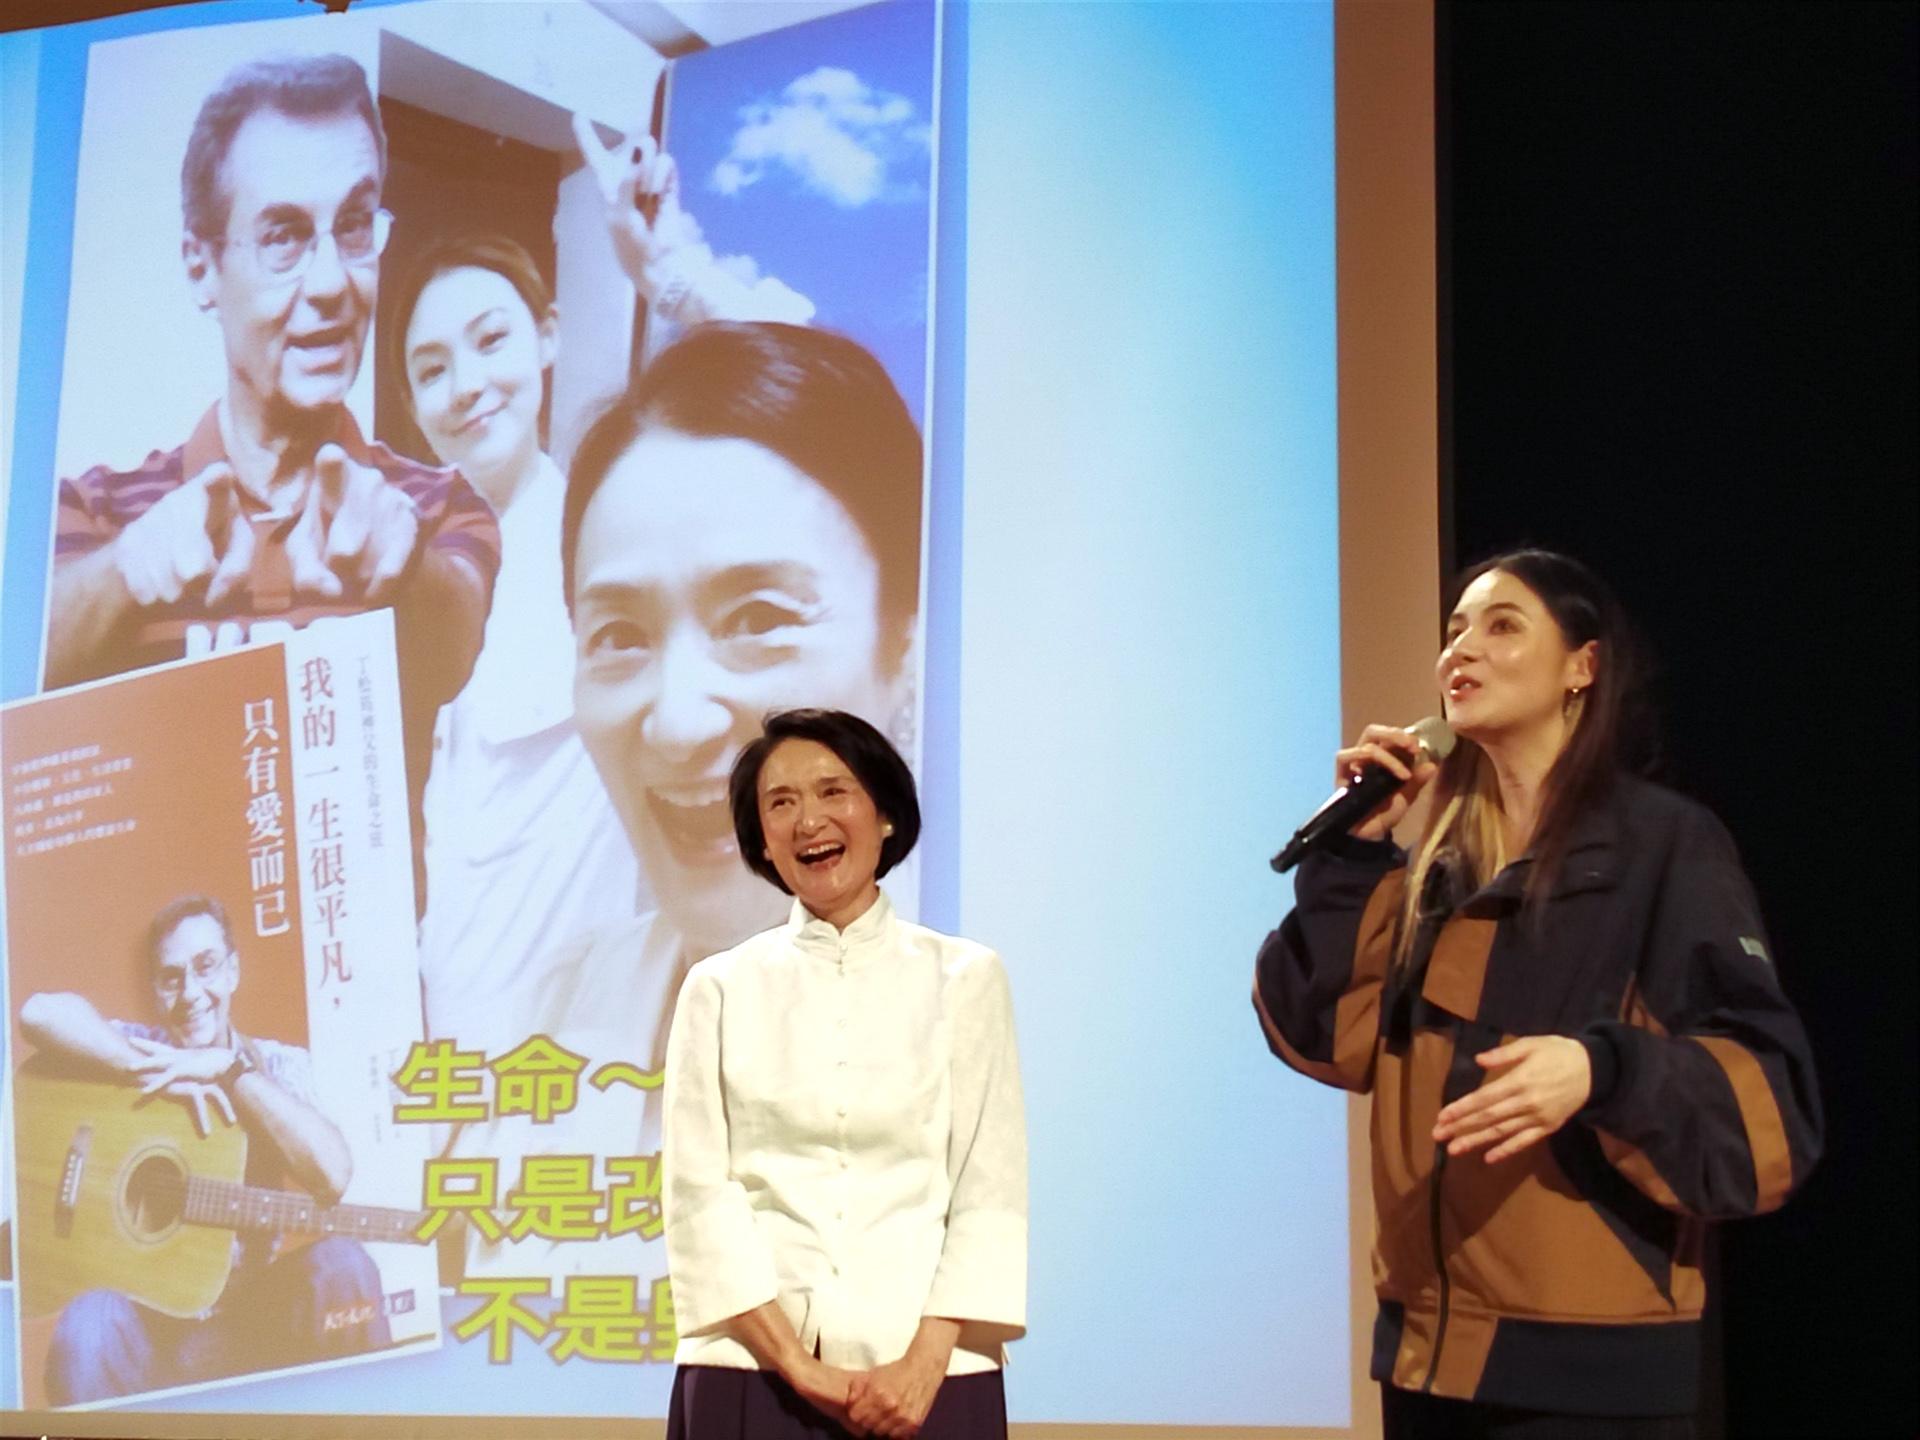 譚艾珍母女分享生死自在生命經驗。